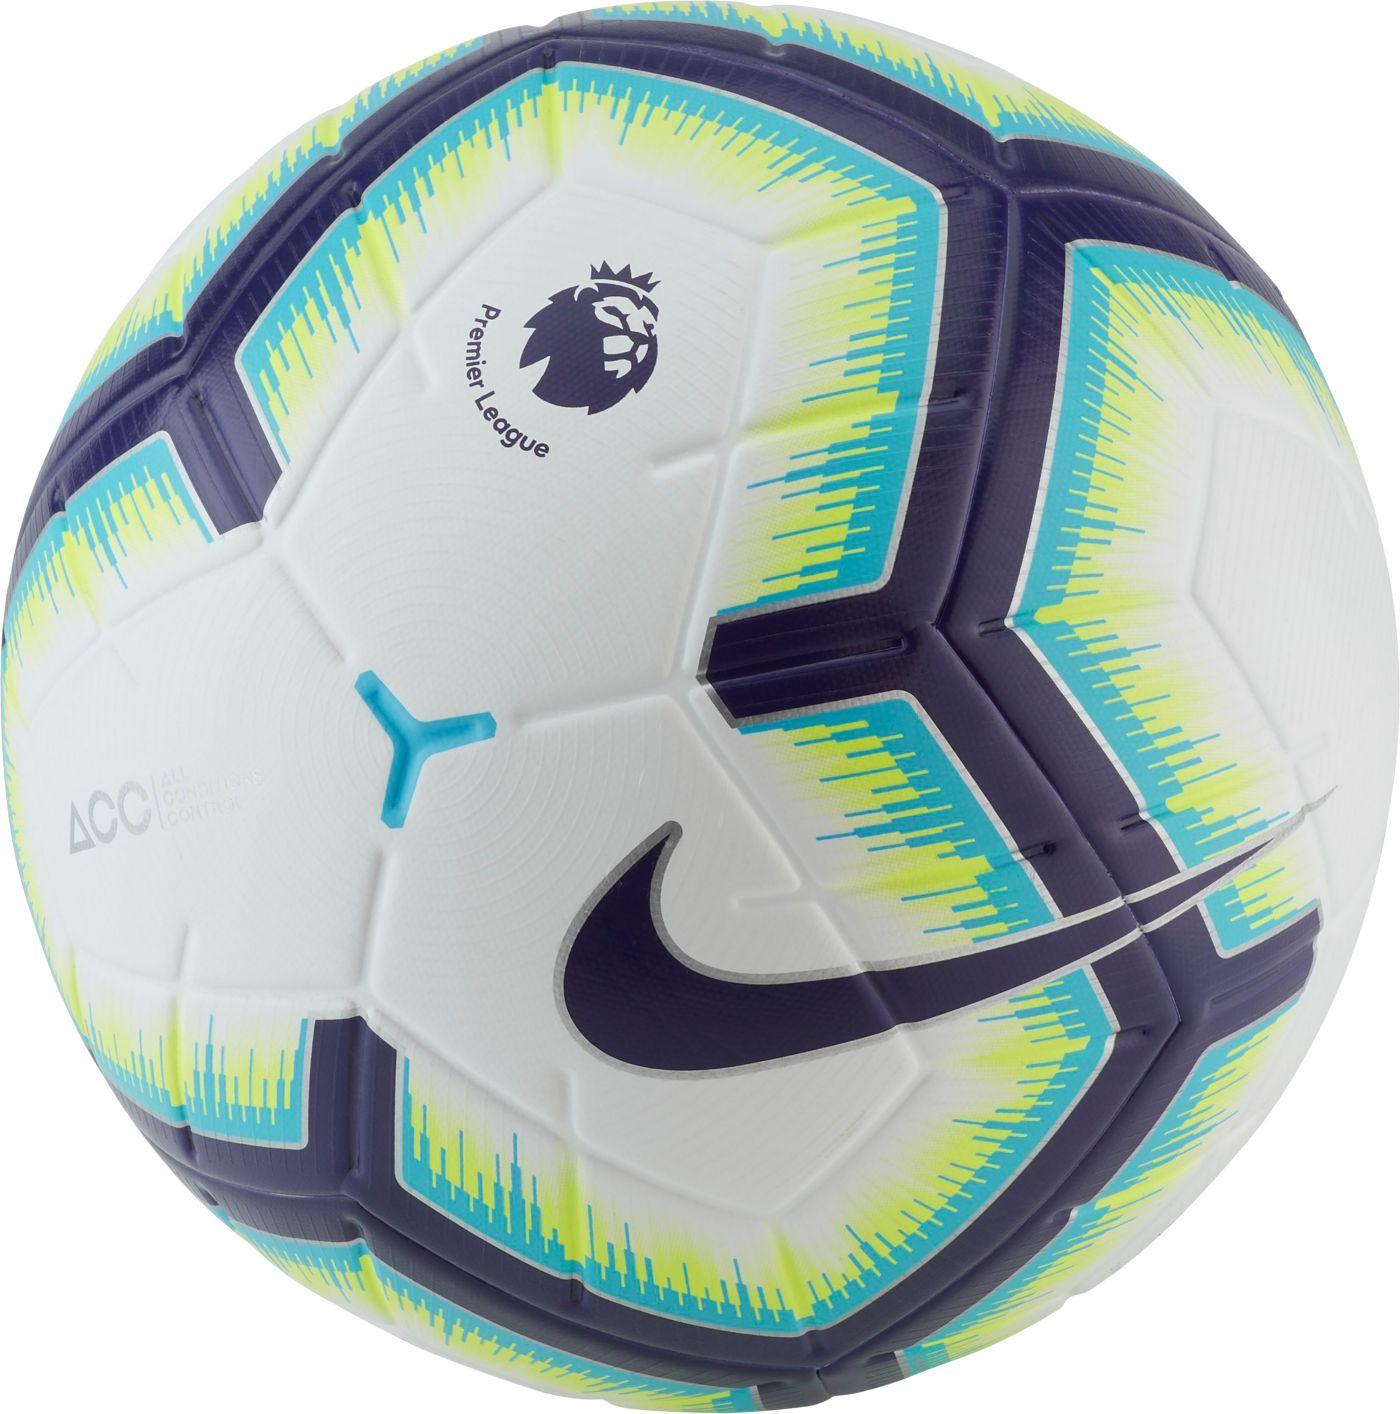 Nike Merlin Premier League Official Match Soccer Ball